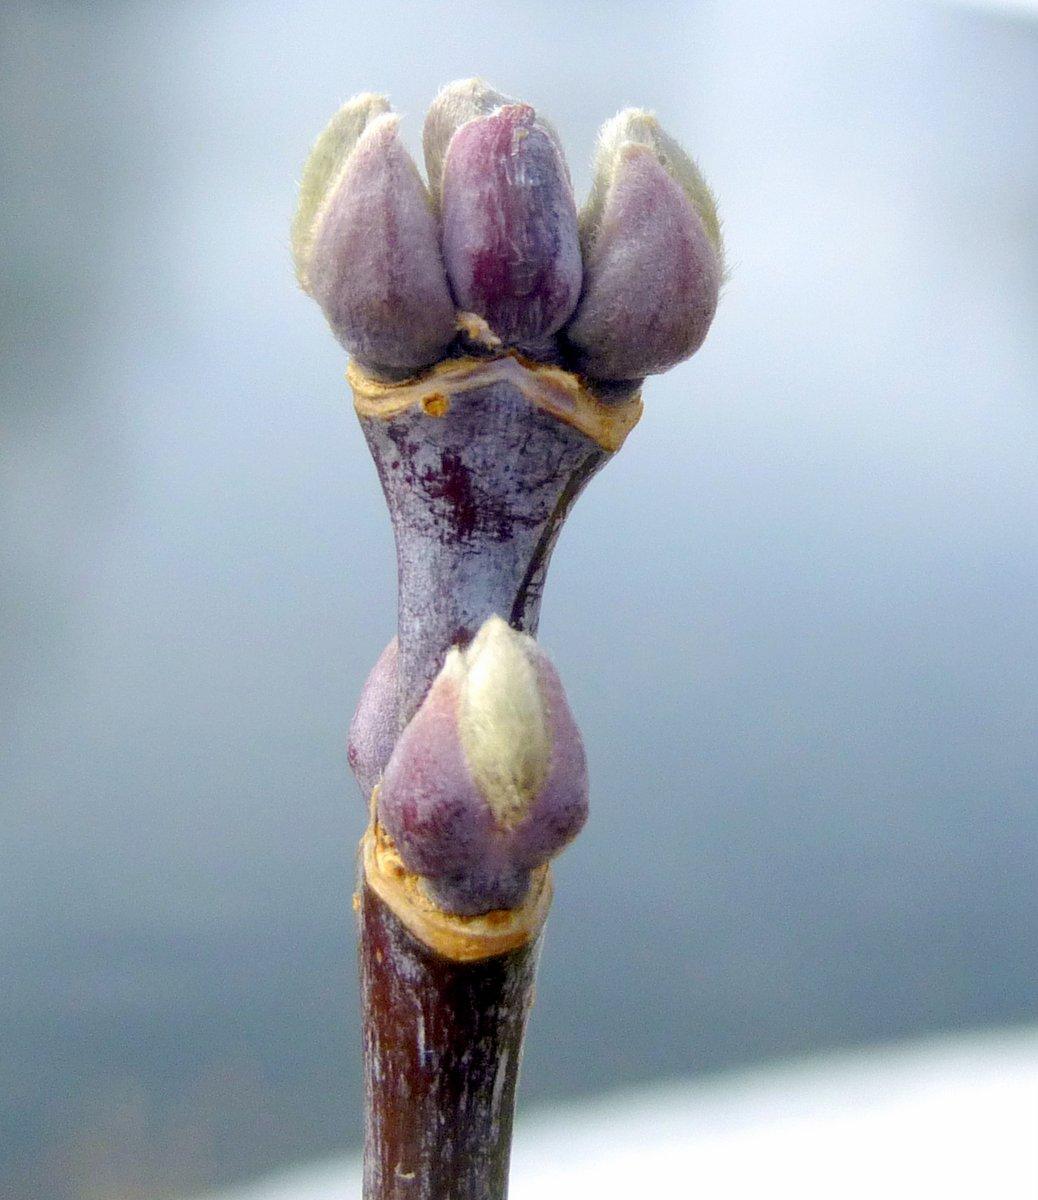 7. Box Elder Buds